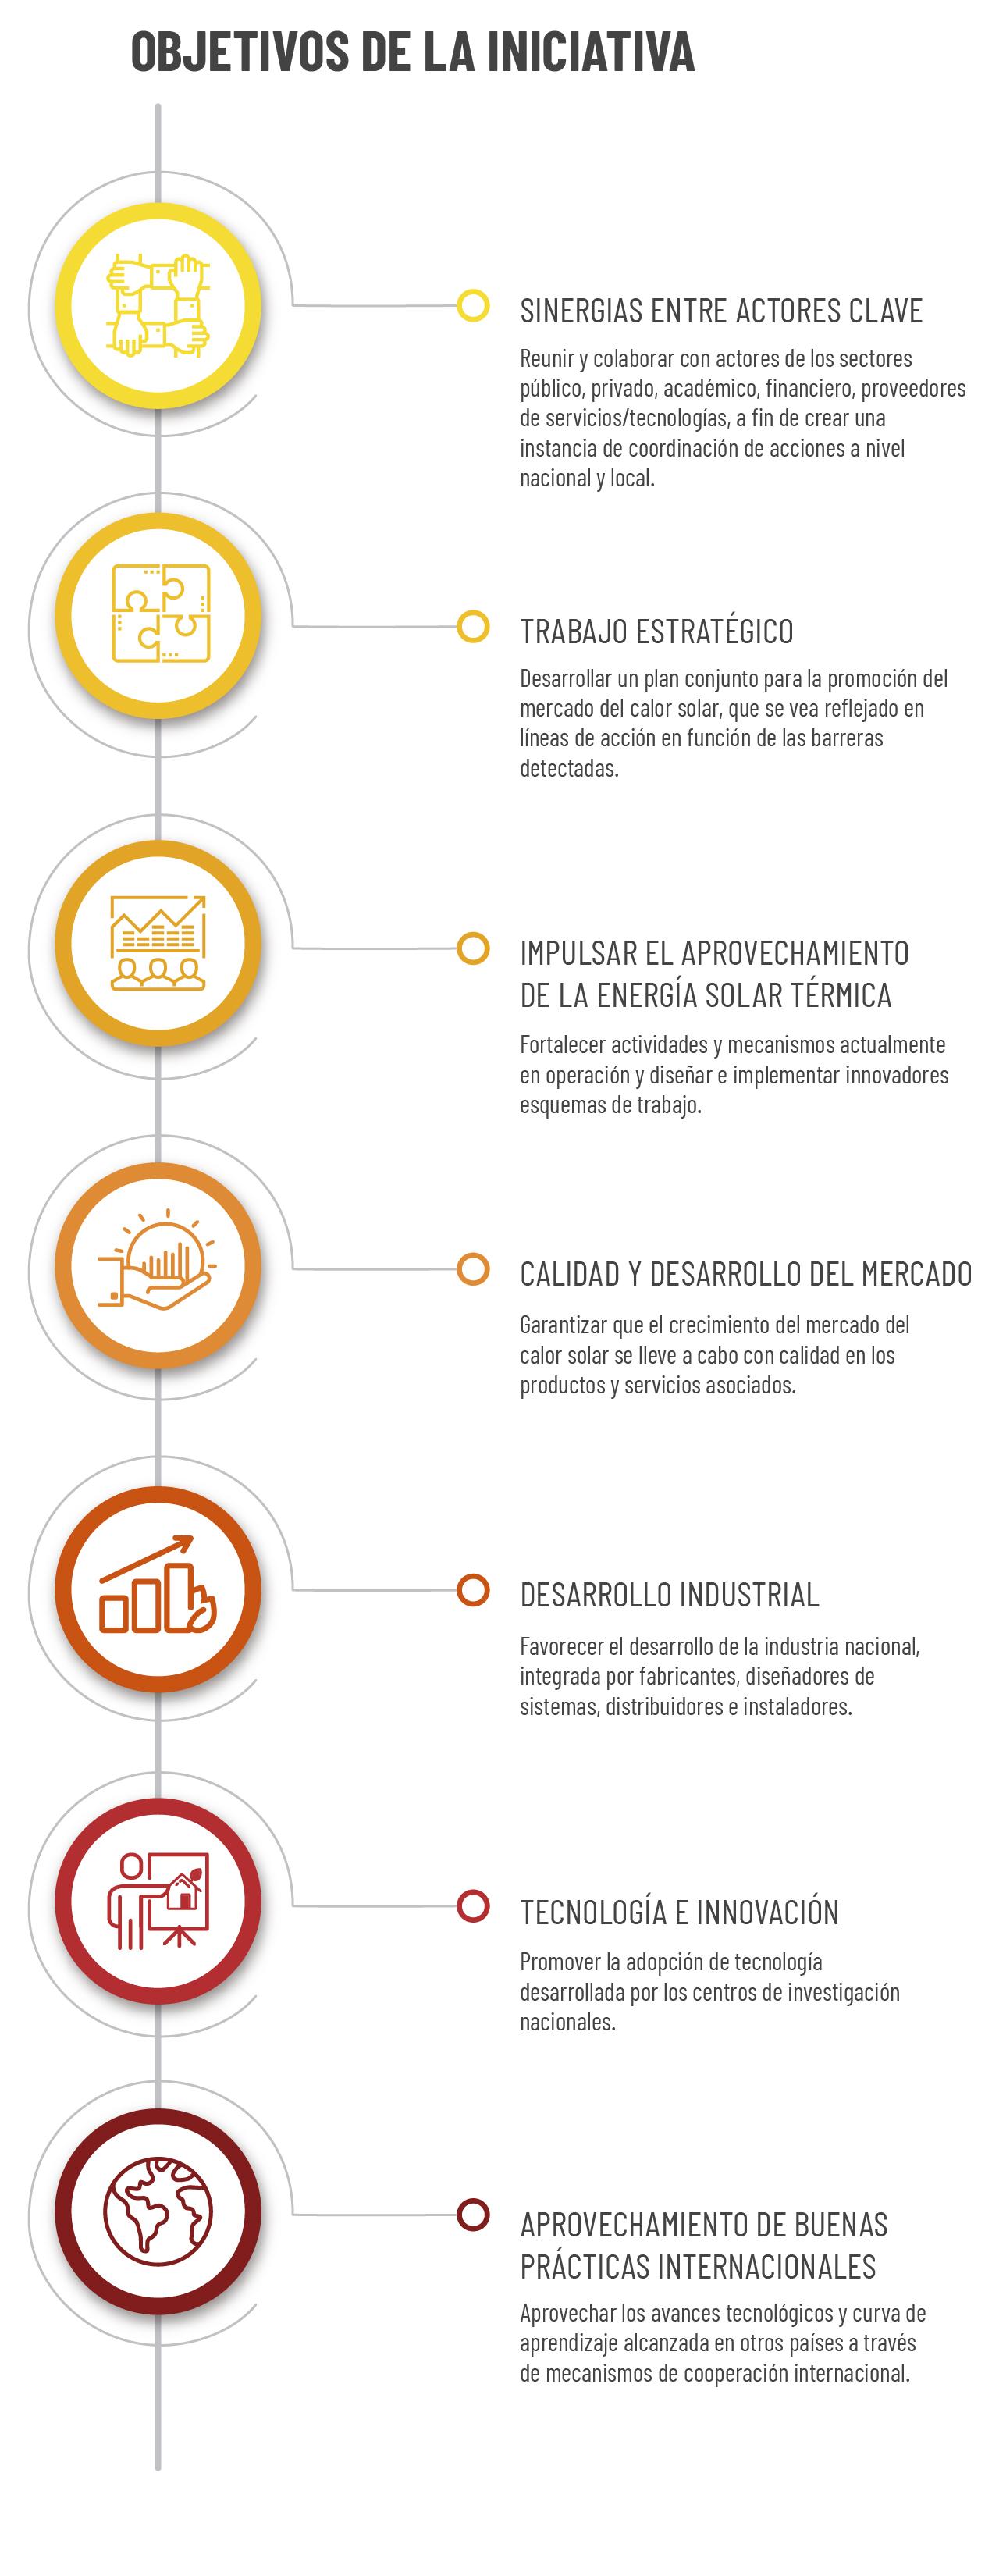 Calor_Solar_4Objetivos-de-la-iniciativa_1